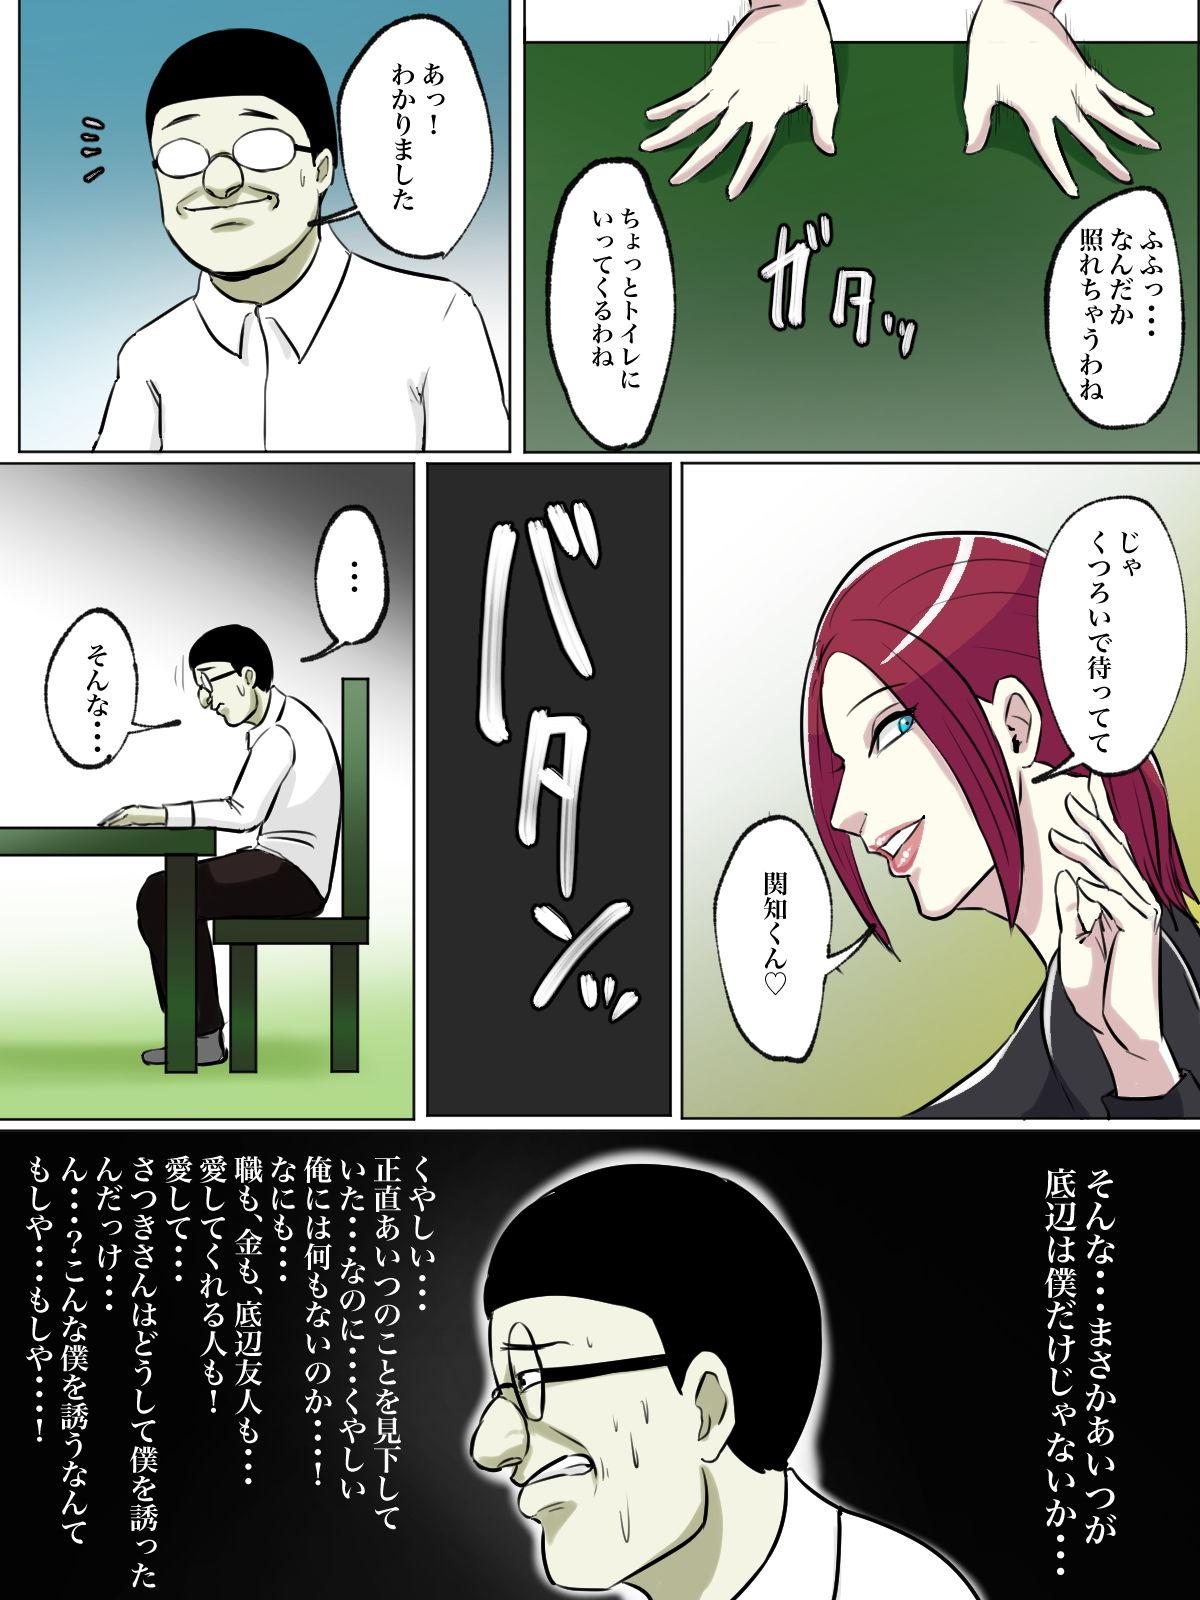 【フルカラー版】友達の母親がトイレ中なら侵入するしかない!のサンプル画像8